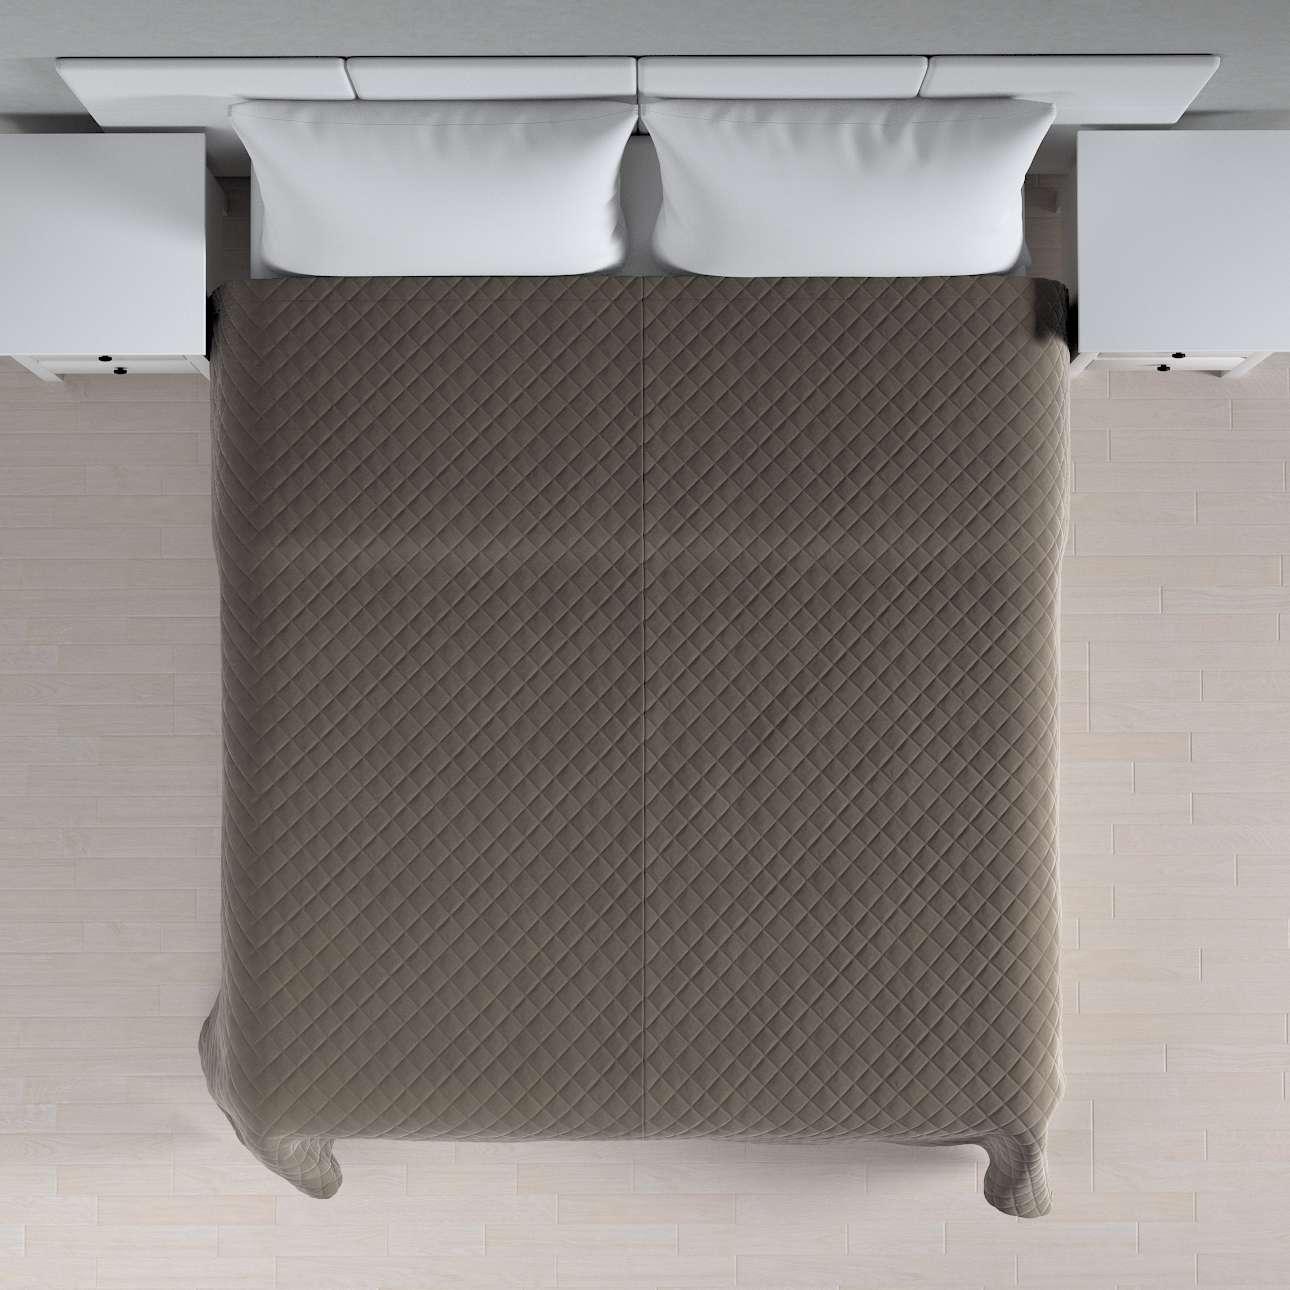 Velvet kolekcijos lovatiesė dygnsiuota  rombiukais kolekcijoje Velvetas/Aksomas, audinys: 704-19